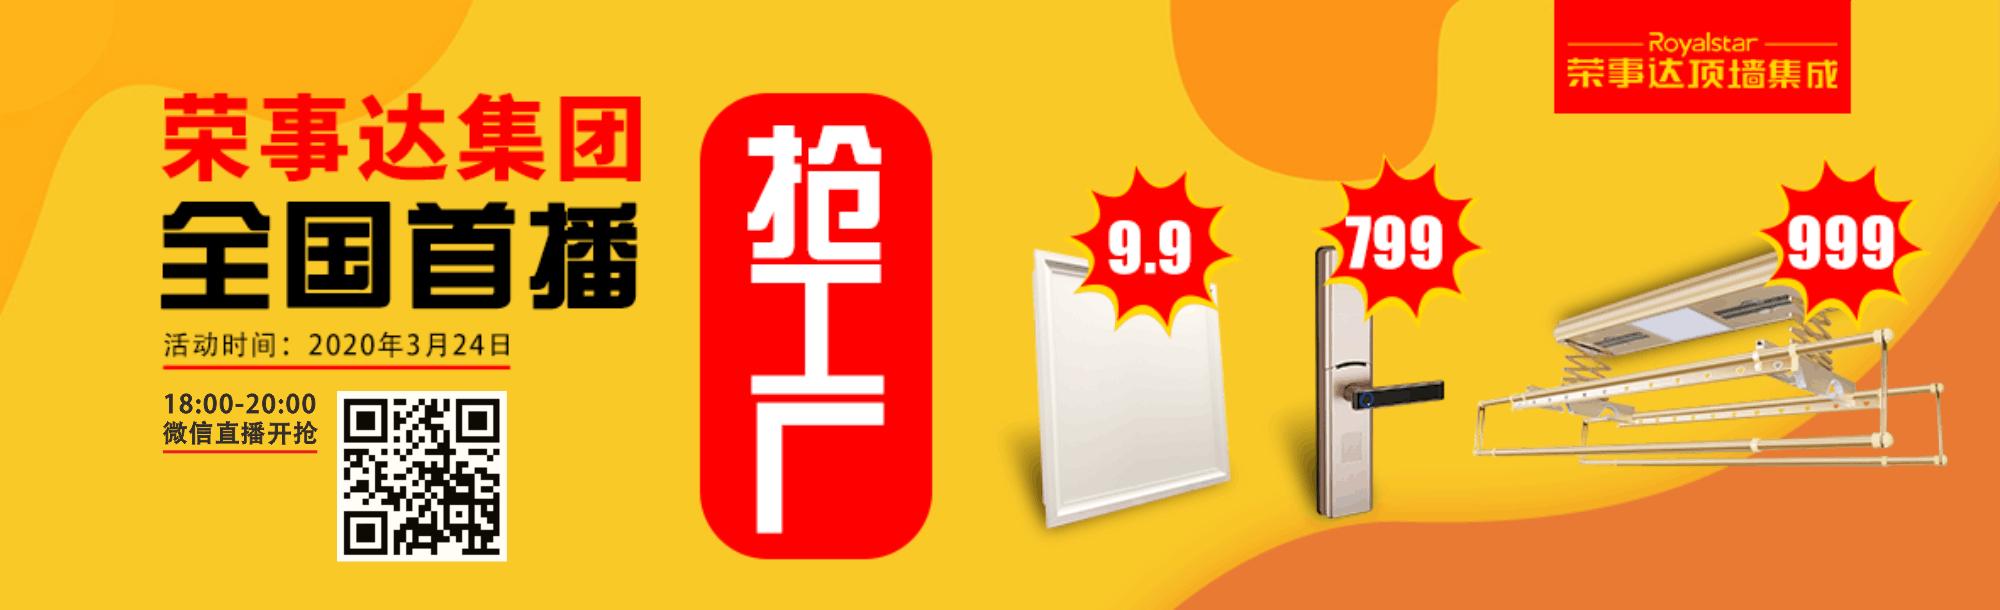 【预告】3.24荣事达吊顶全国首播抢工厂钜惠即将来袭!